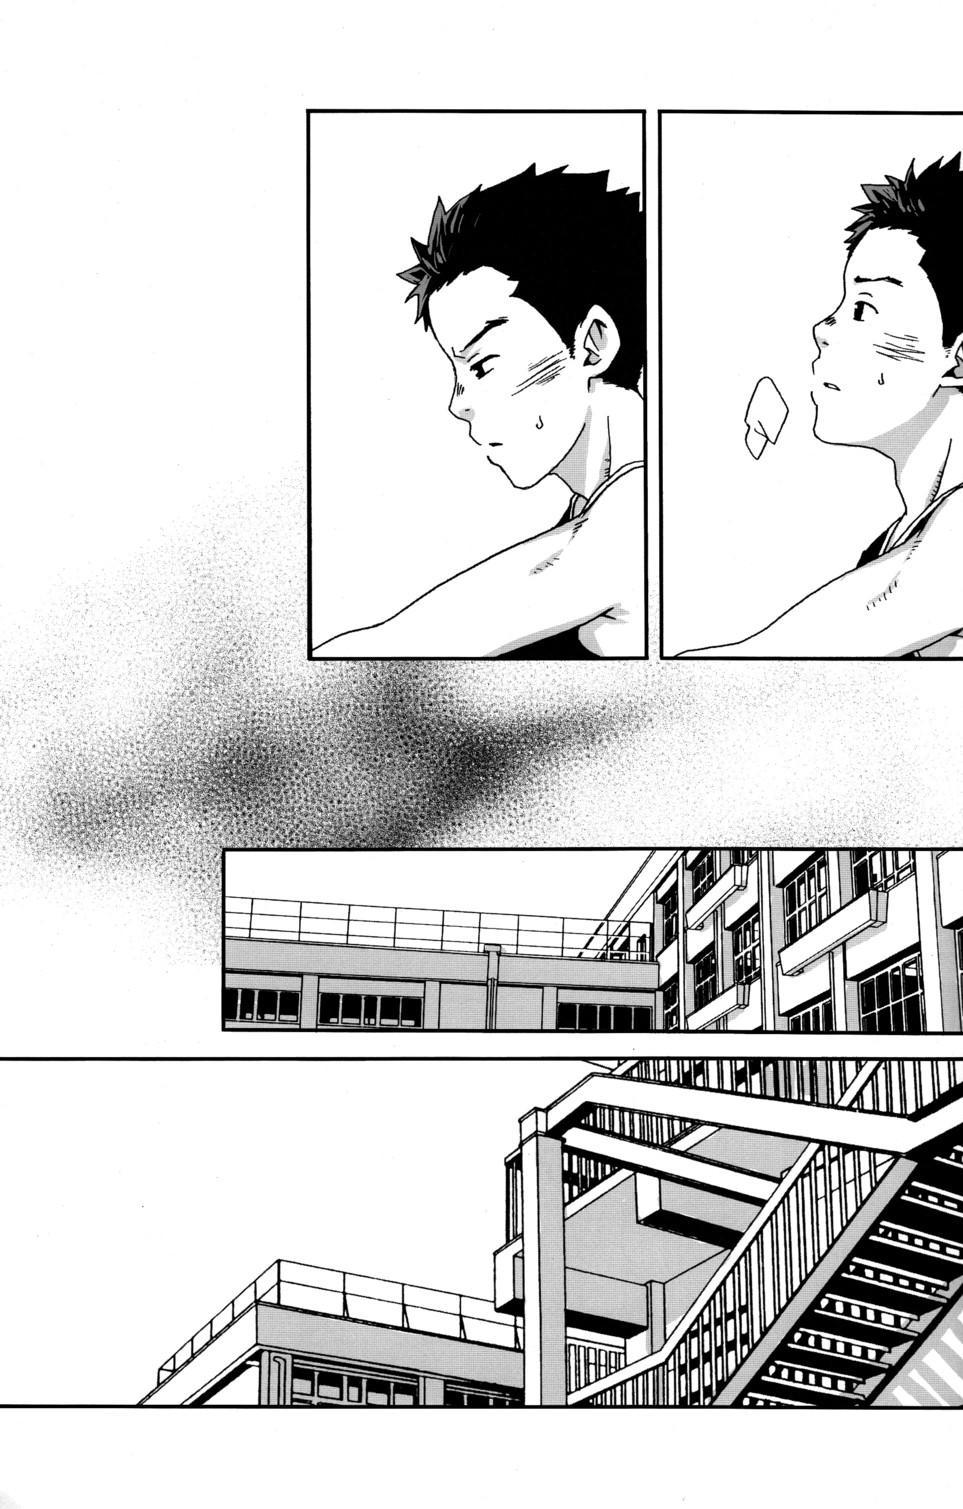 (C78) [Box (Tsukumo Gou)] 【19号(つくも号)】そう言って君は笑うSou Itte Kimi wa Warau 16